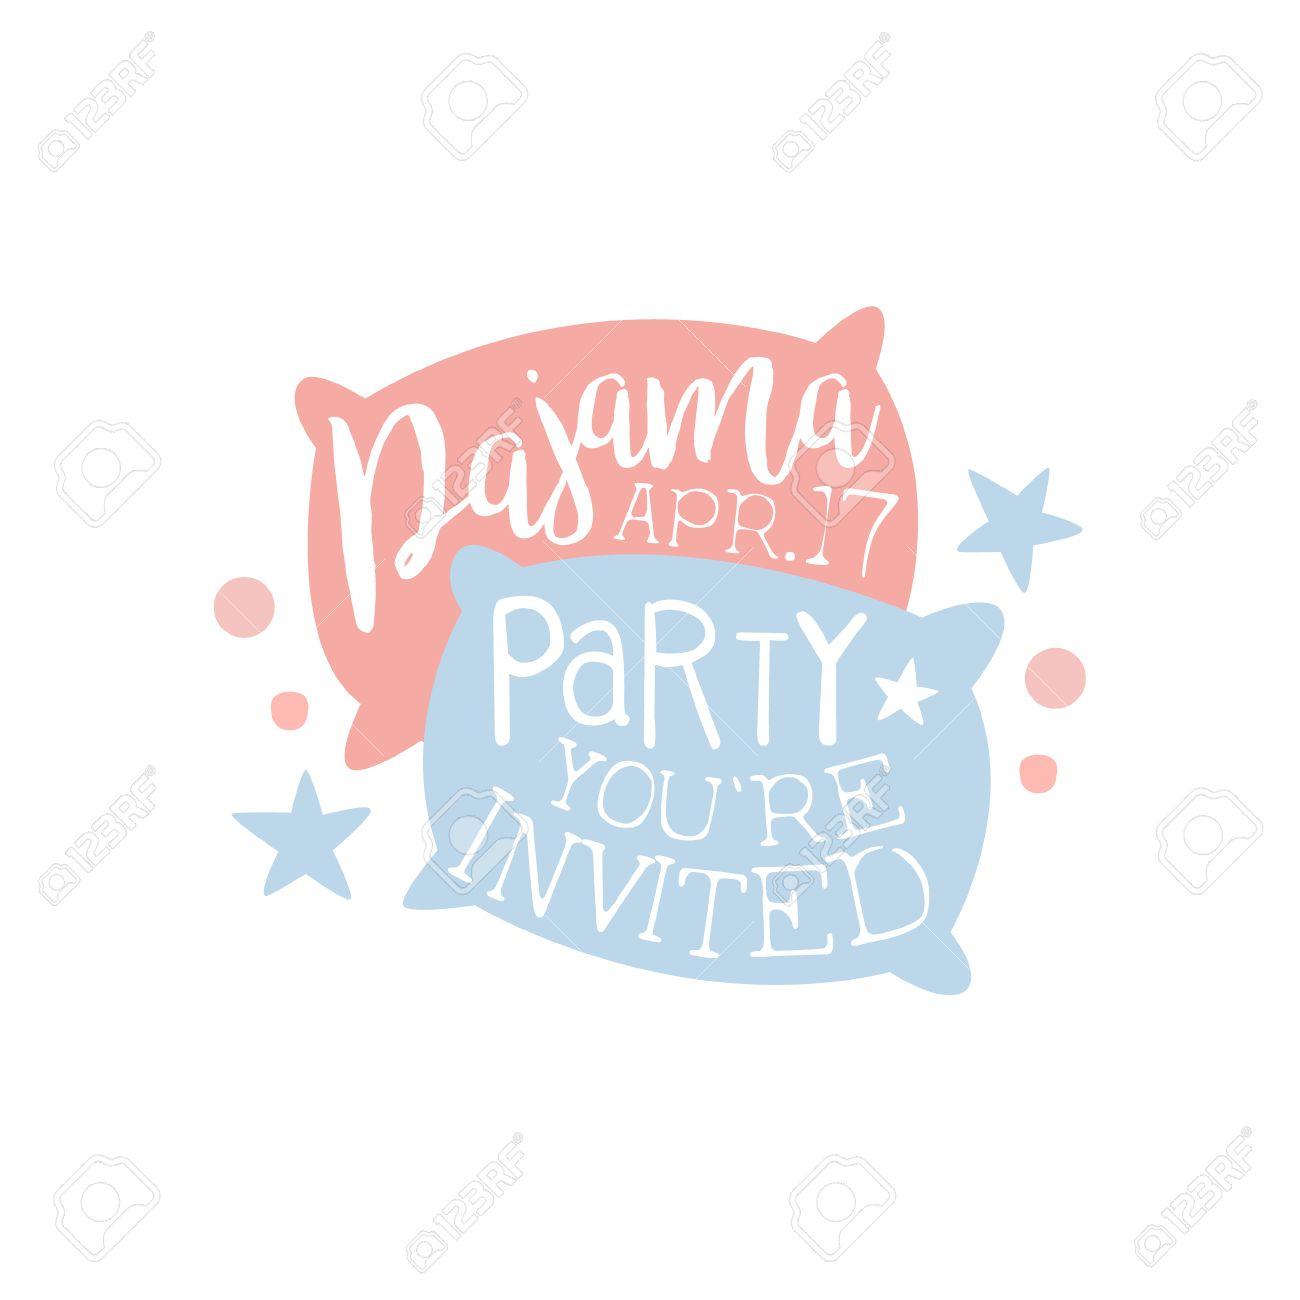 Plantilla De La Tarjeta De La Invitación Femenina De La Fiesta De Pijama Con Dos Almohadas De Invitación Infantil Para Los Pijamas De Los Pijamas